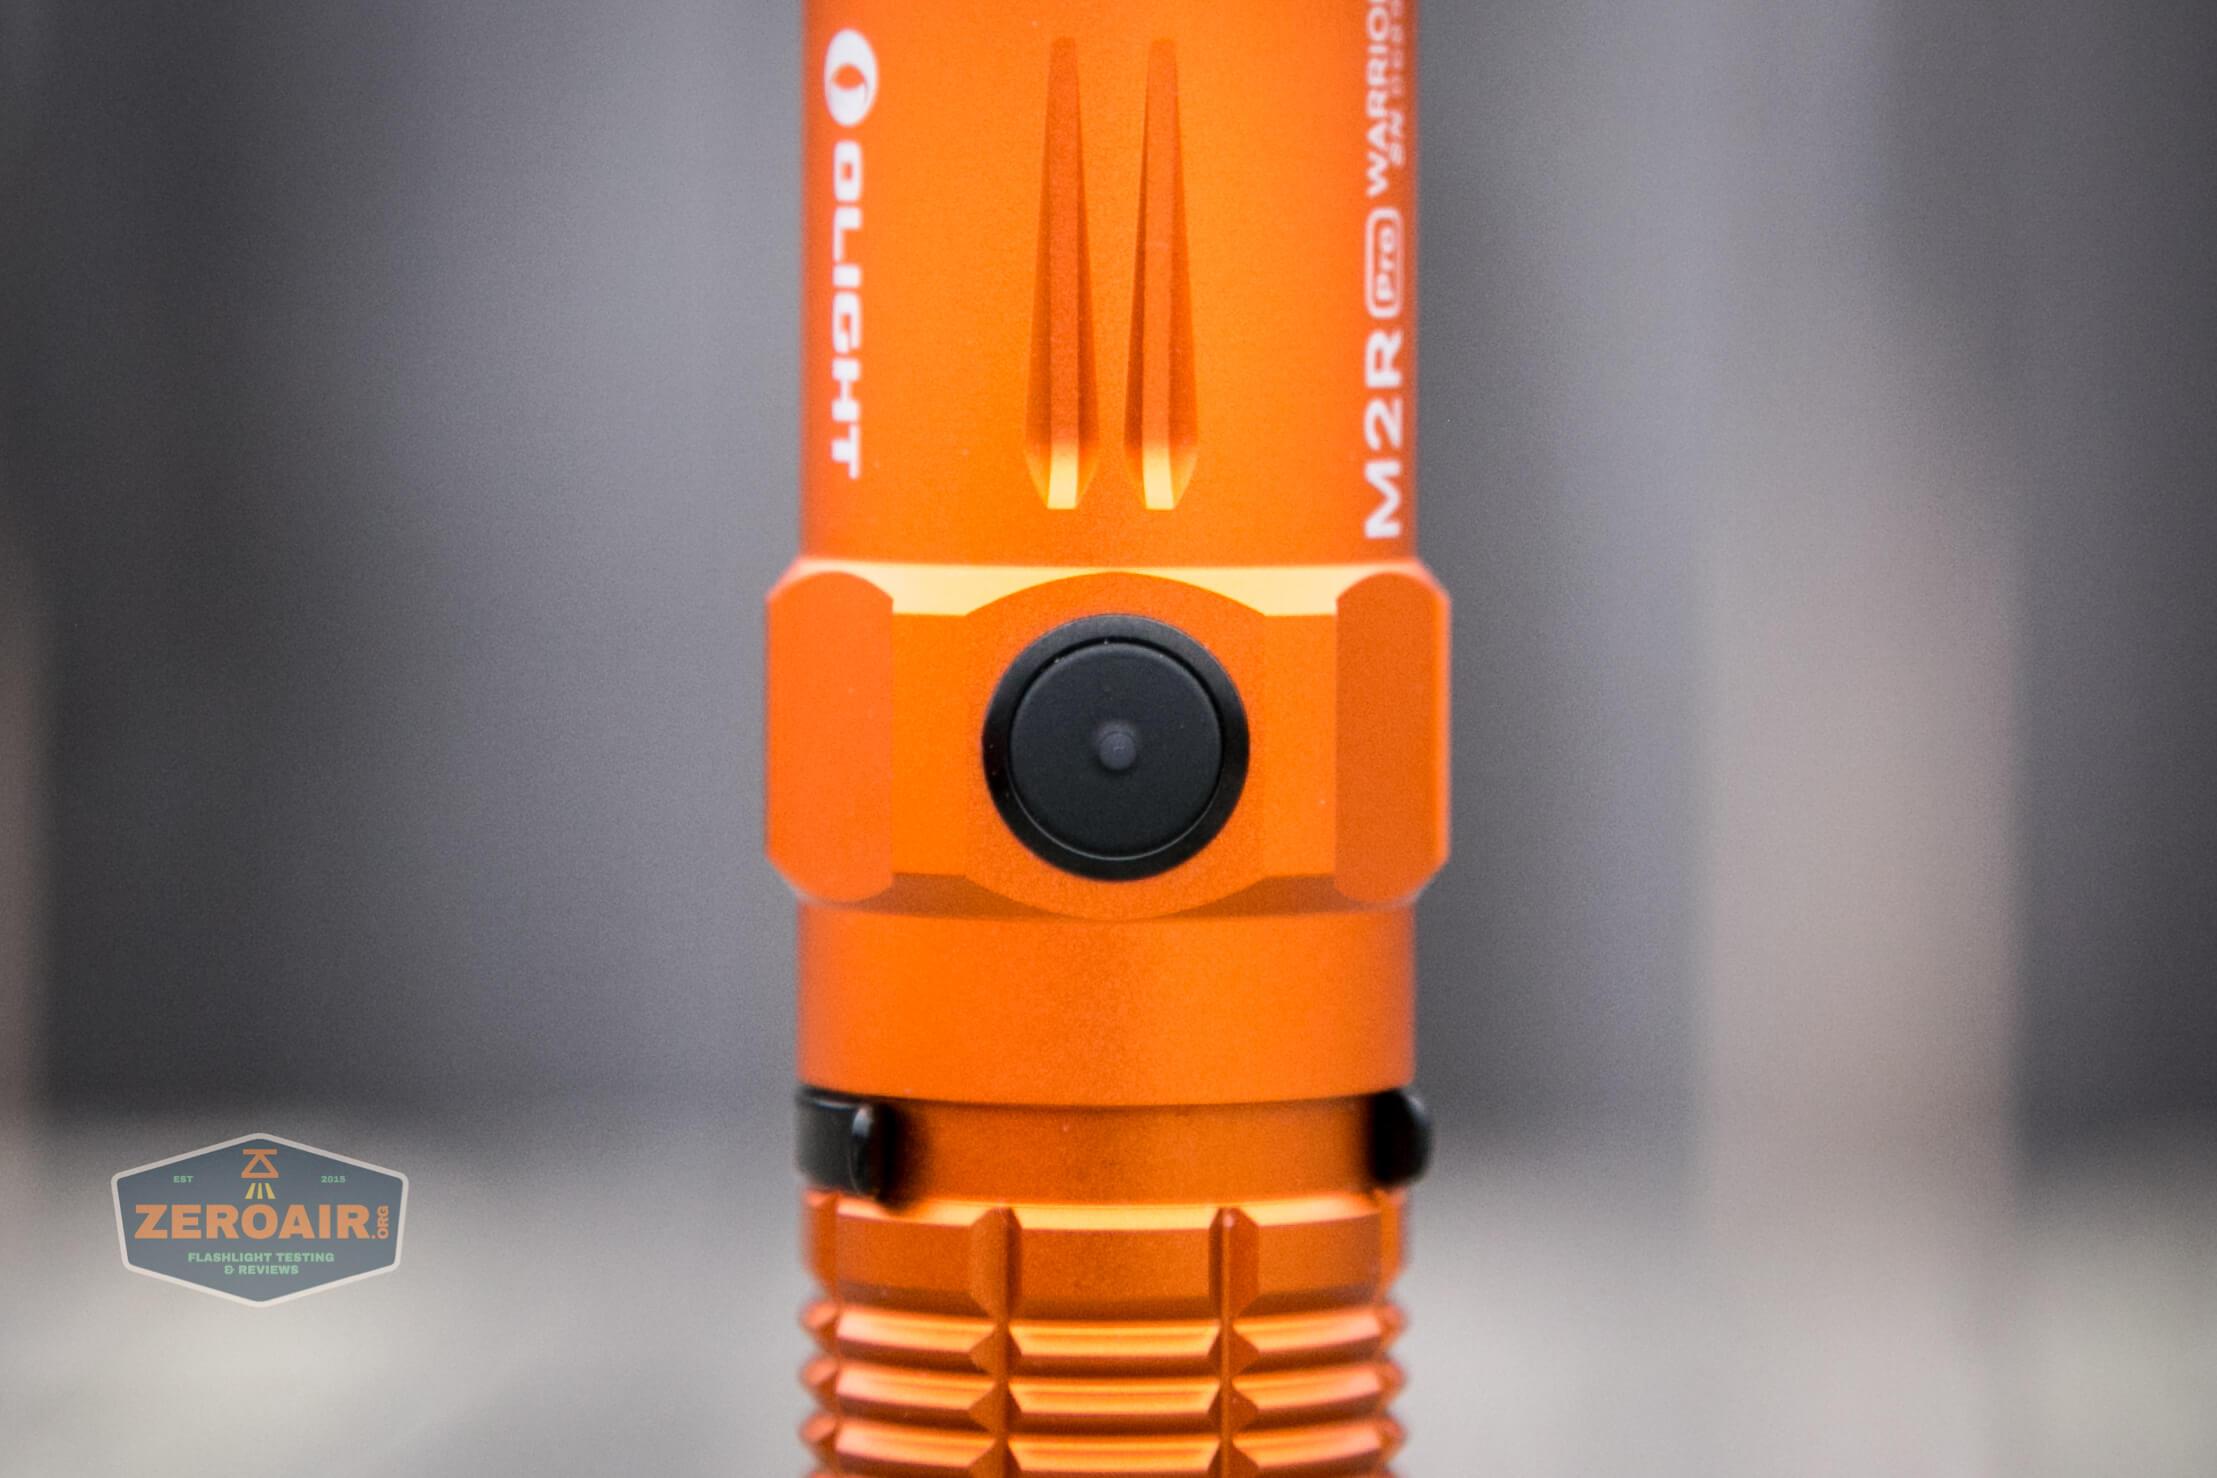 Olight M2R Pro Warrior Orange eswitch indicating